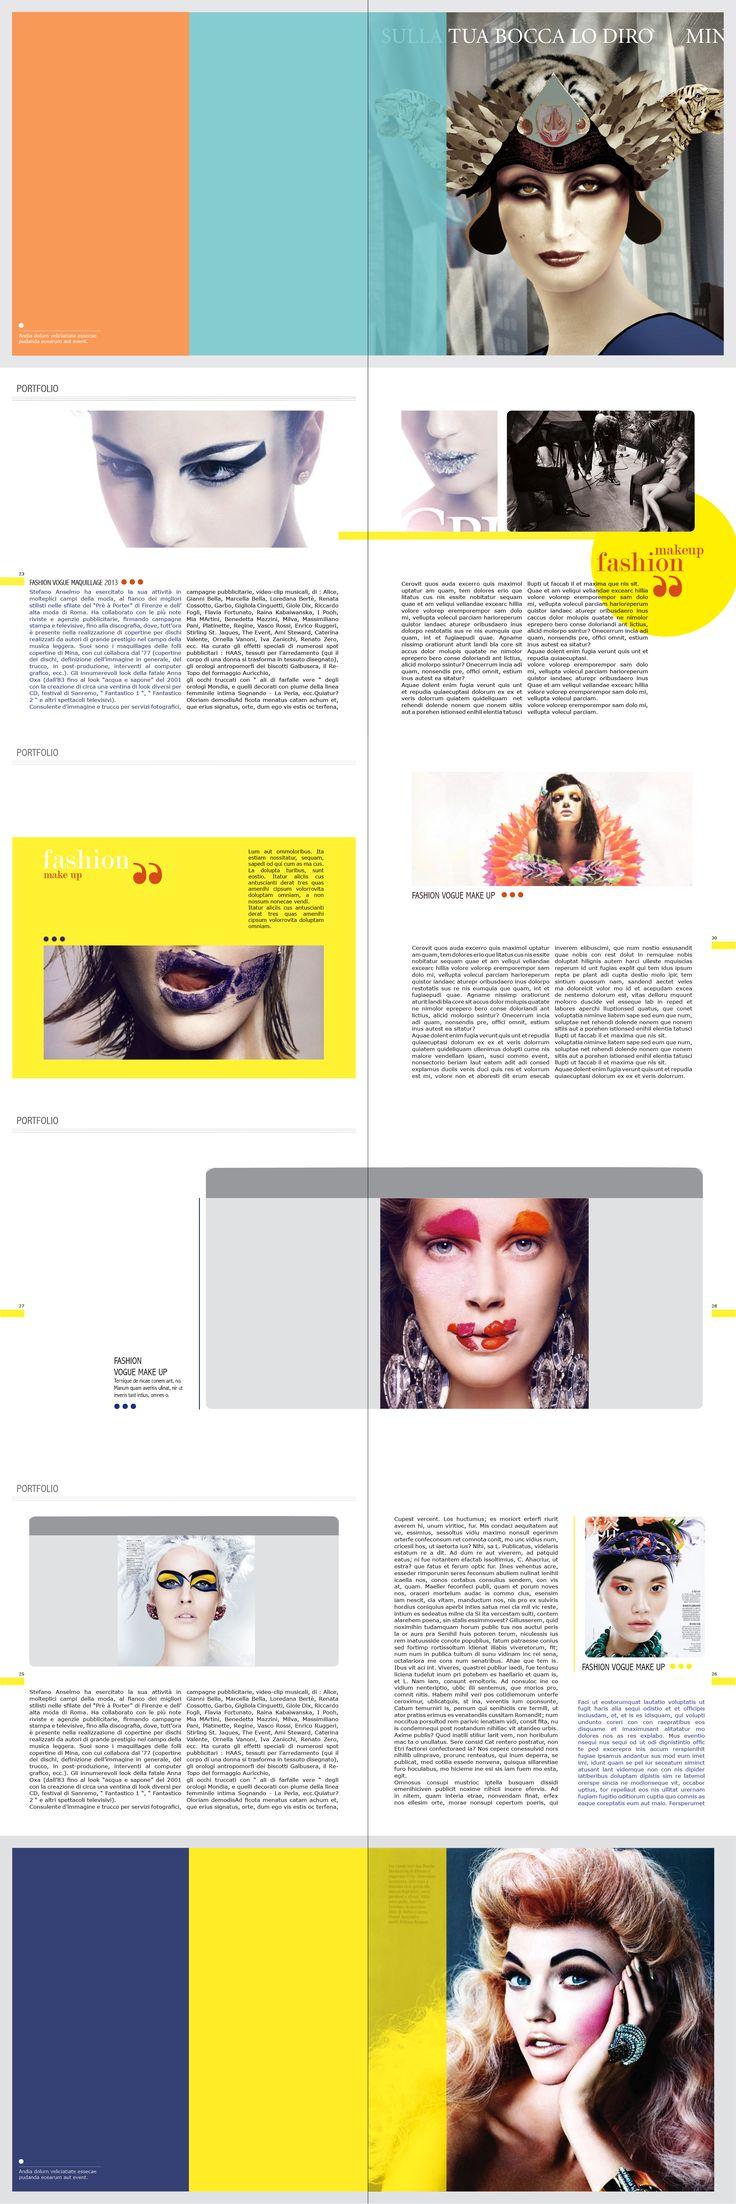 Progettazione Layout for fashion magazine